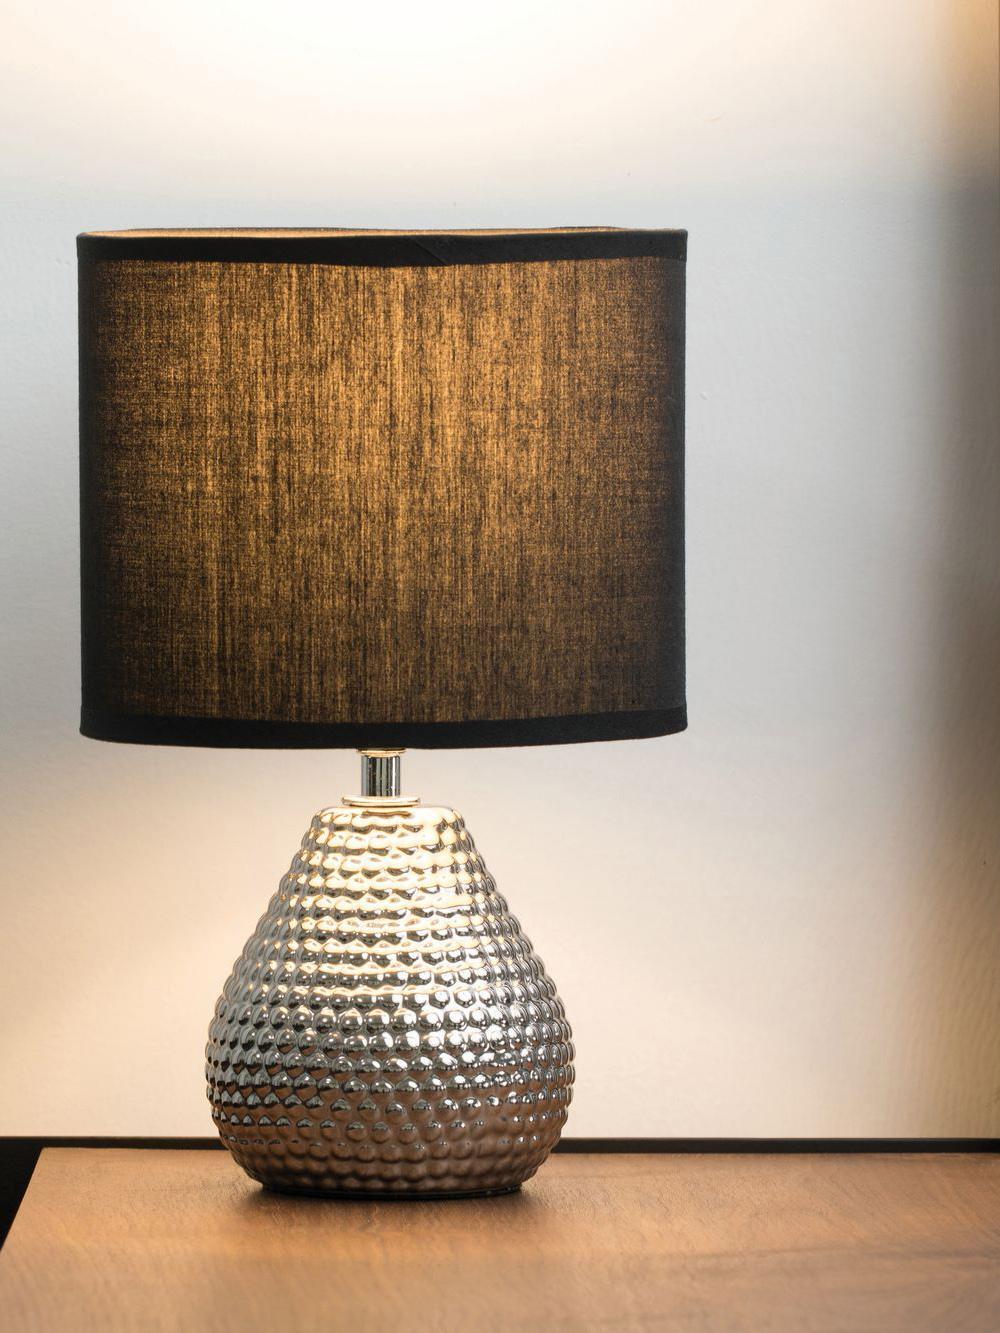 Lampada da tavolo in ceramica argentata Reno, Paralume: poliestere cotone, Base della lampada: ceramica, Argento, nero, Ø 18 x Alt. 29 cm